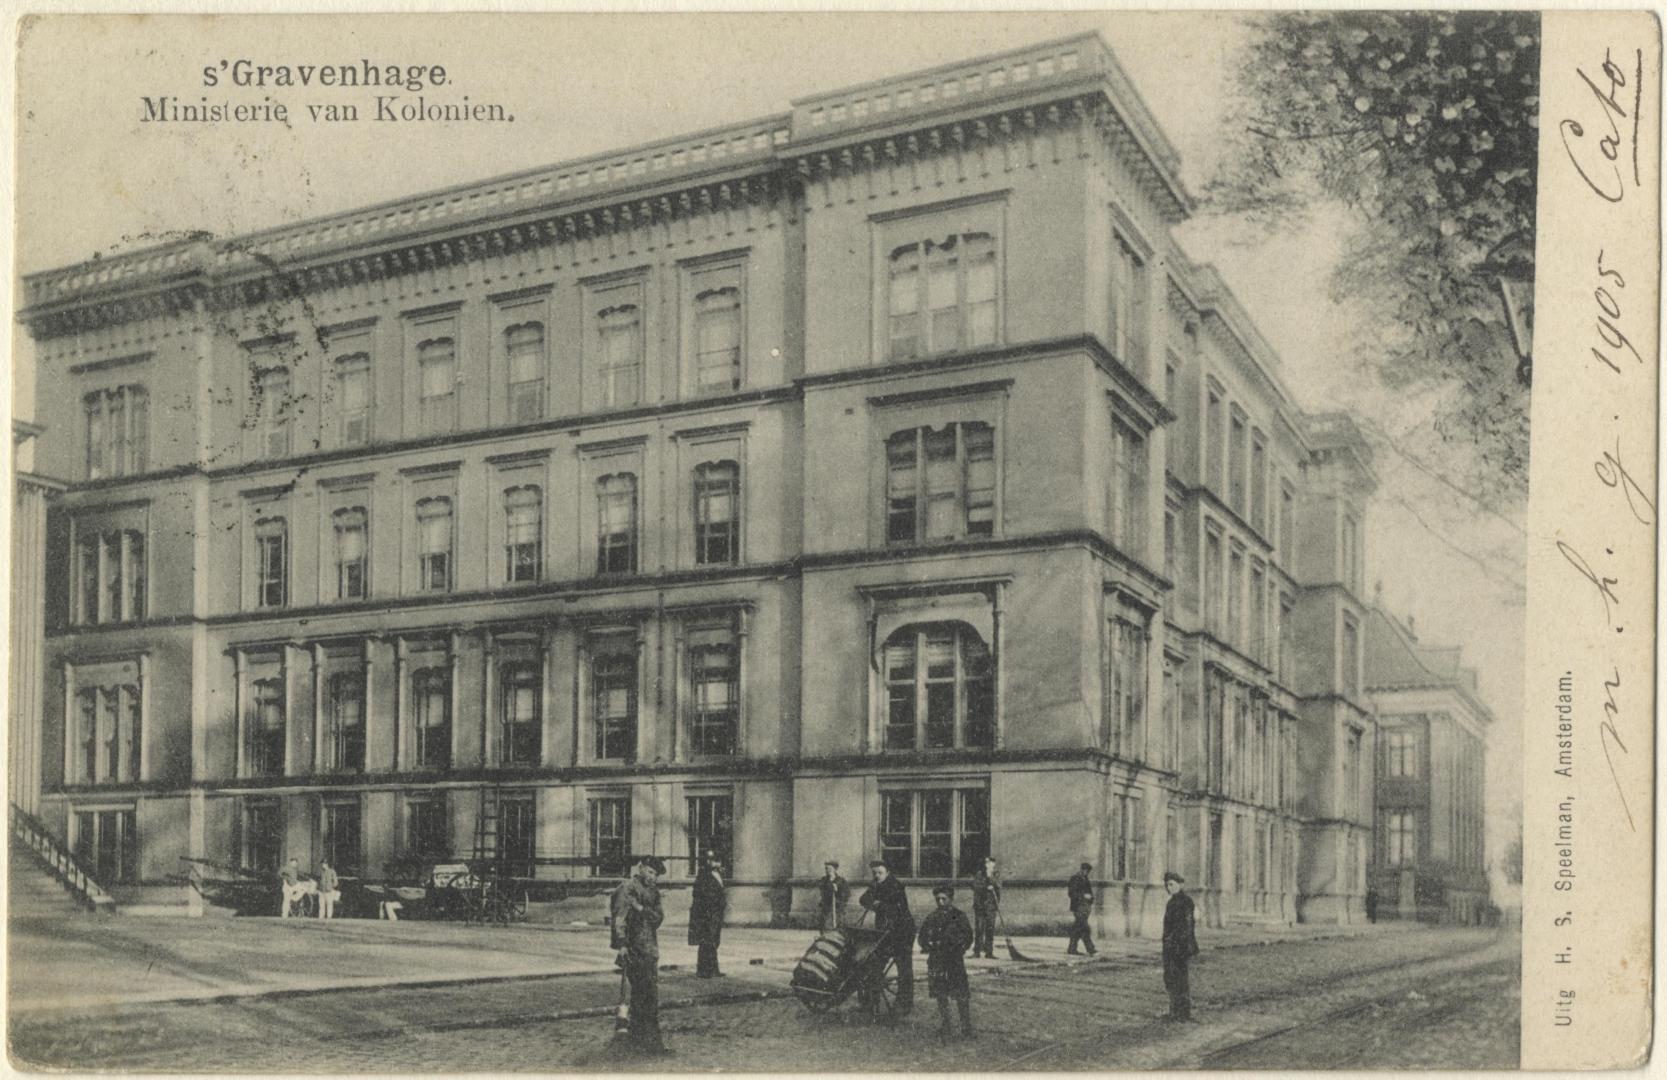 Voorzijde Ministerie van Koloniën in 1904